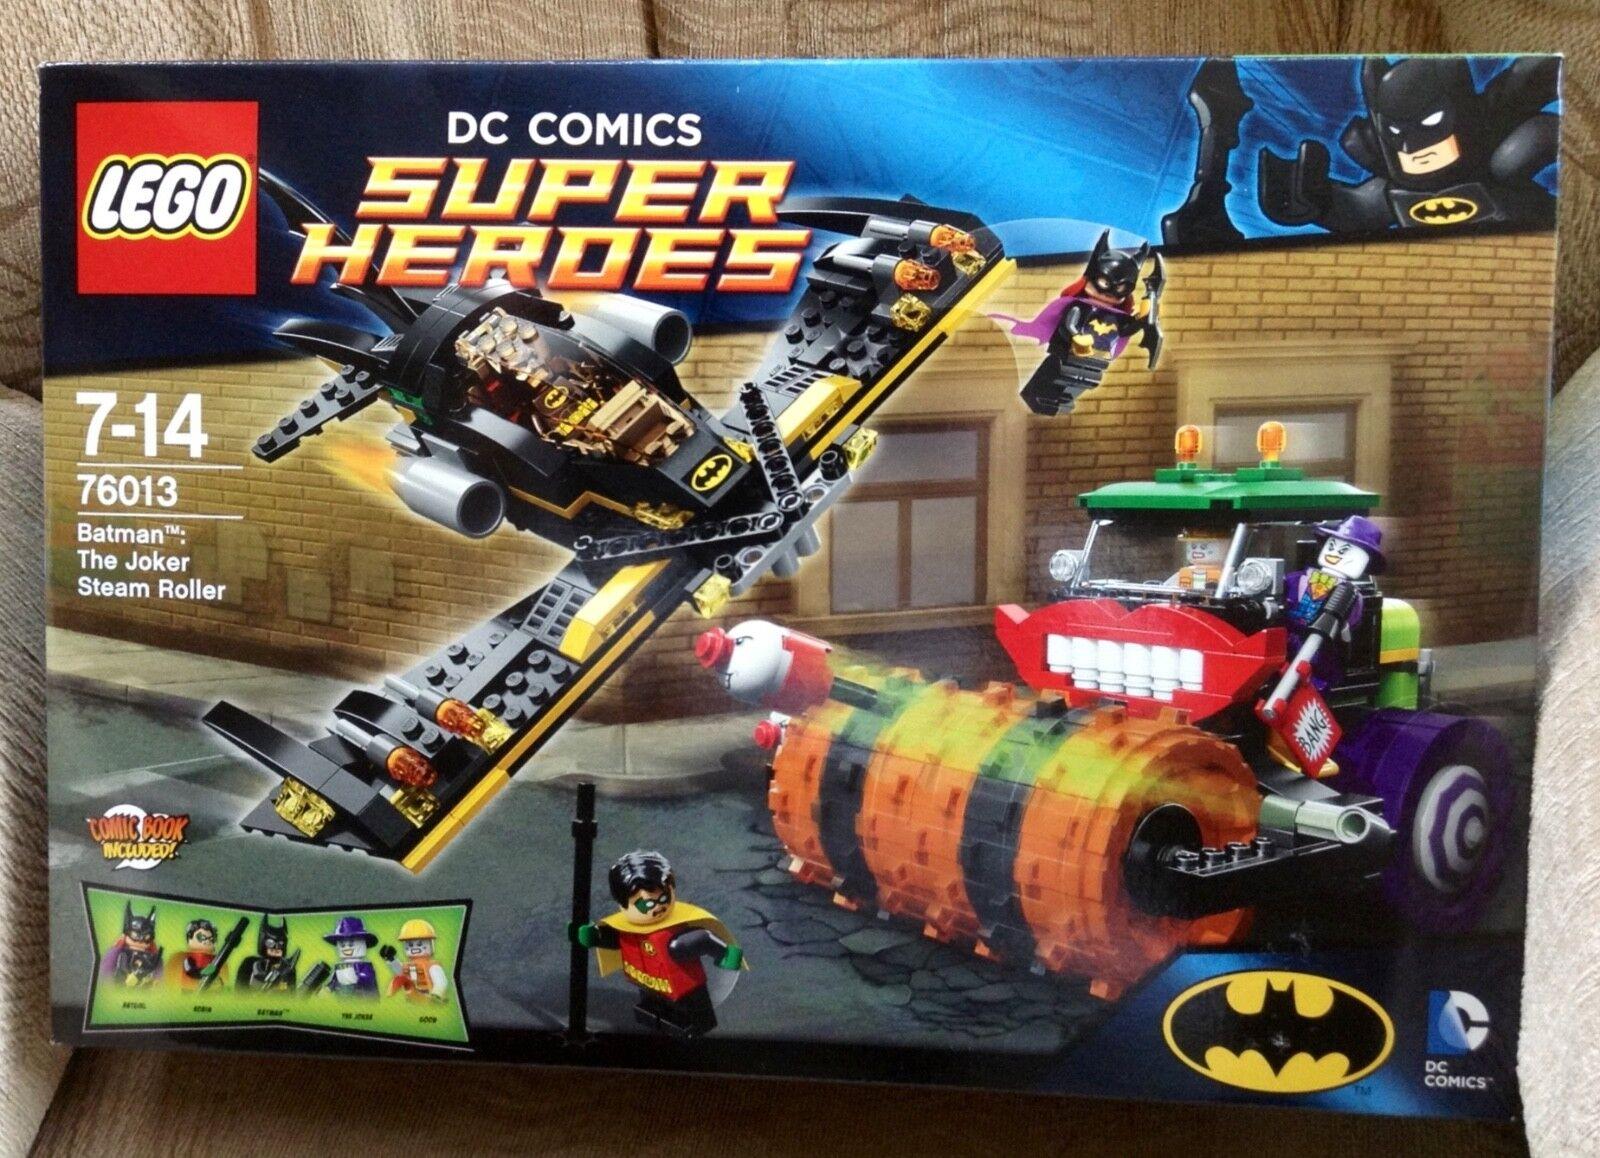 LEGO DC Super Heroes Batman   The Joker Steam Roller 76013 NEW